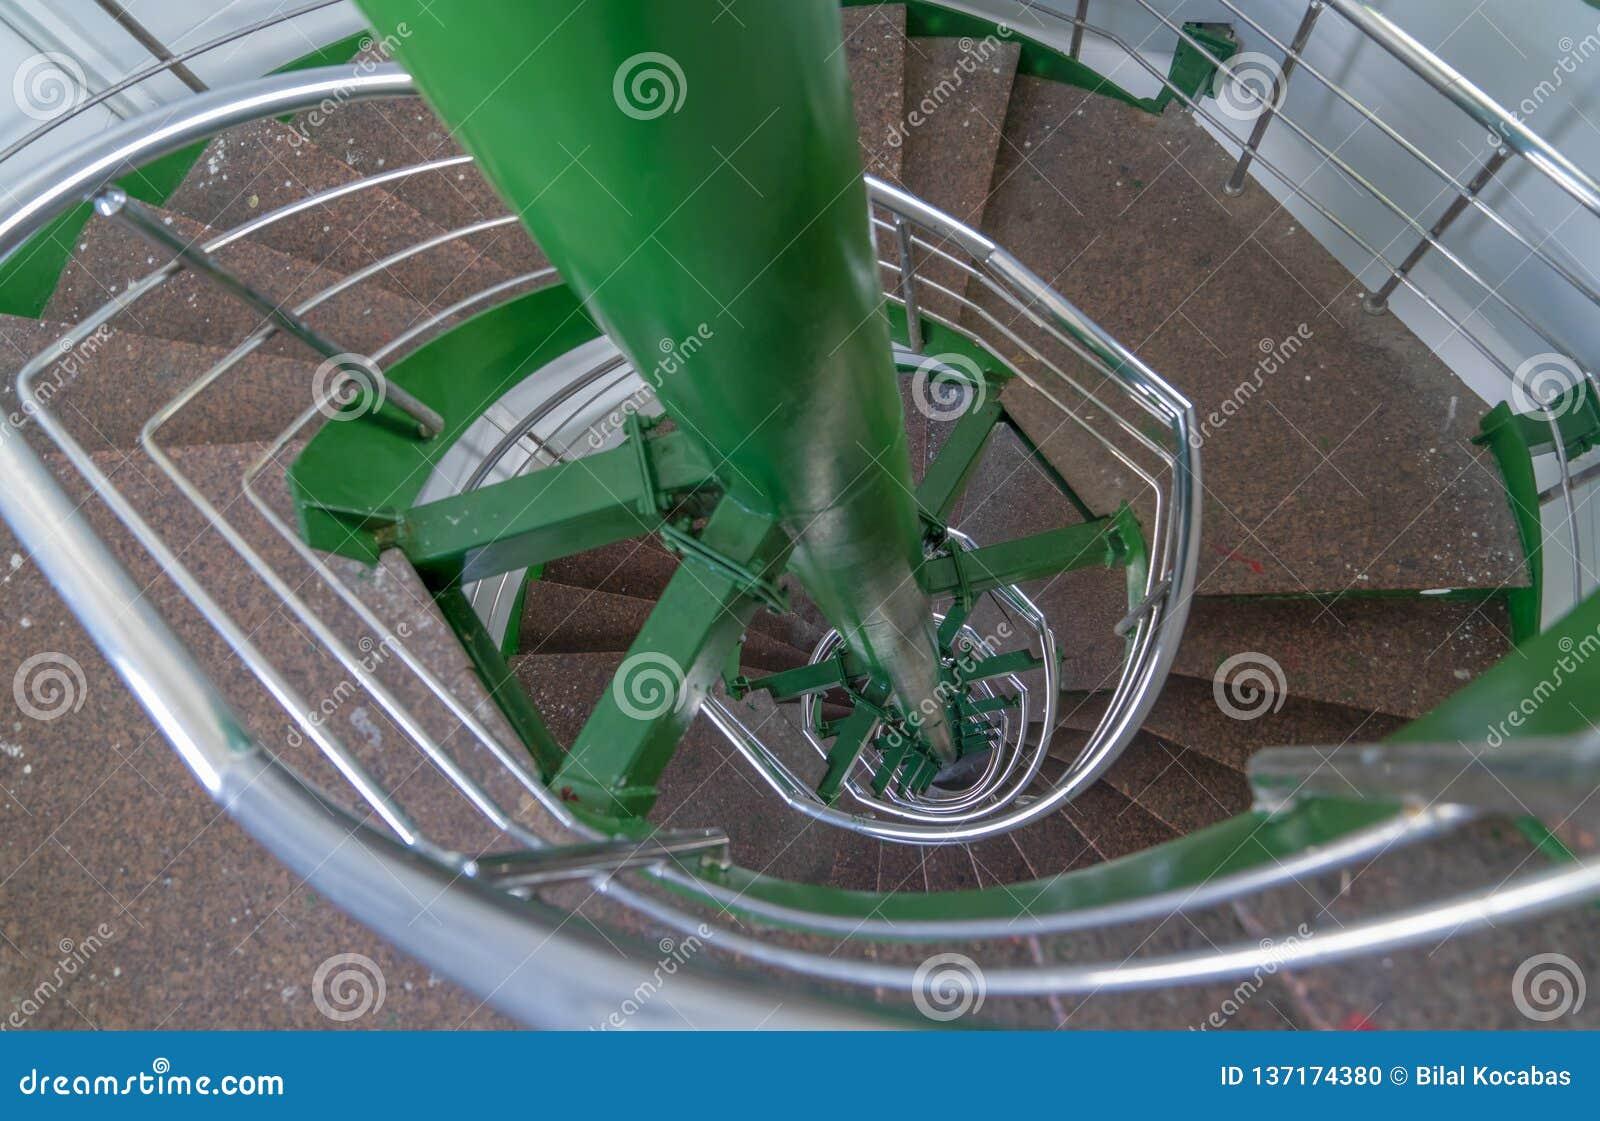 Σπειροειδές κλιμακοστάσιο πολυ-πτήσης με τα κιγκλιδώματα μετάλλων που βλέπουν από την κορυφή της σκάλας